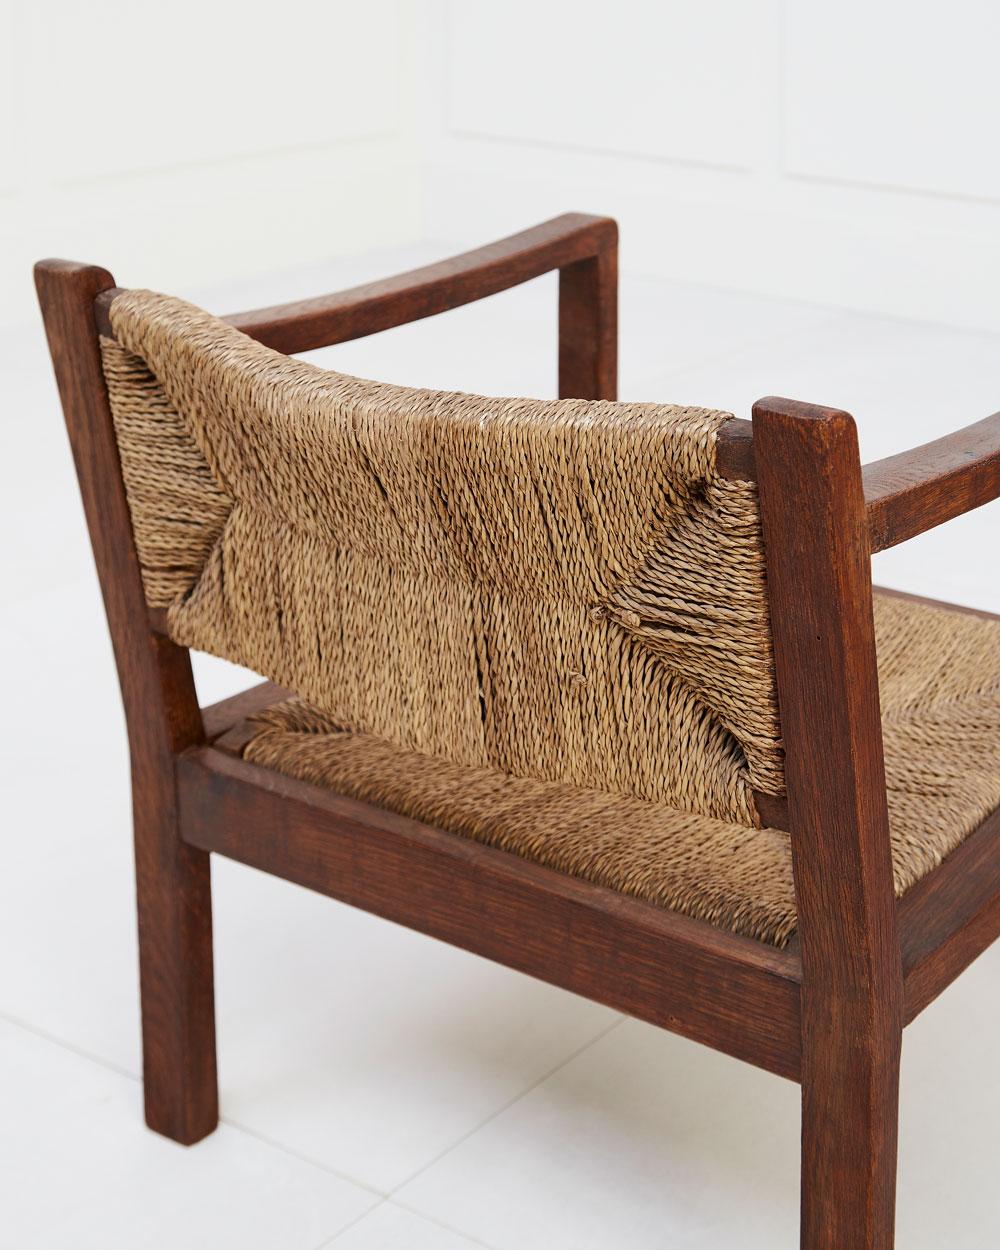 Eyre de Lanux, Paire de fauteuils, vue 04